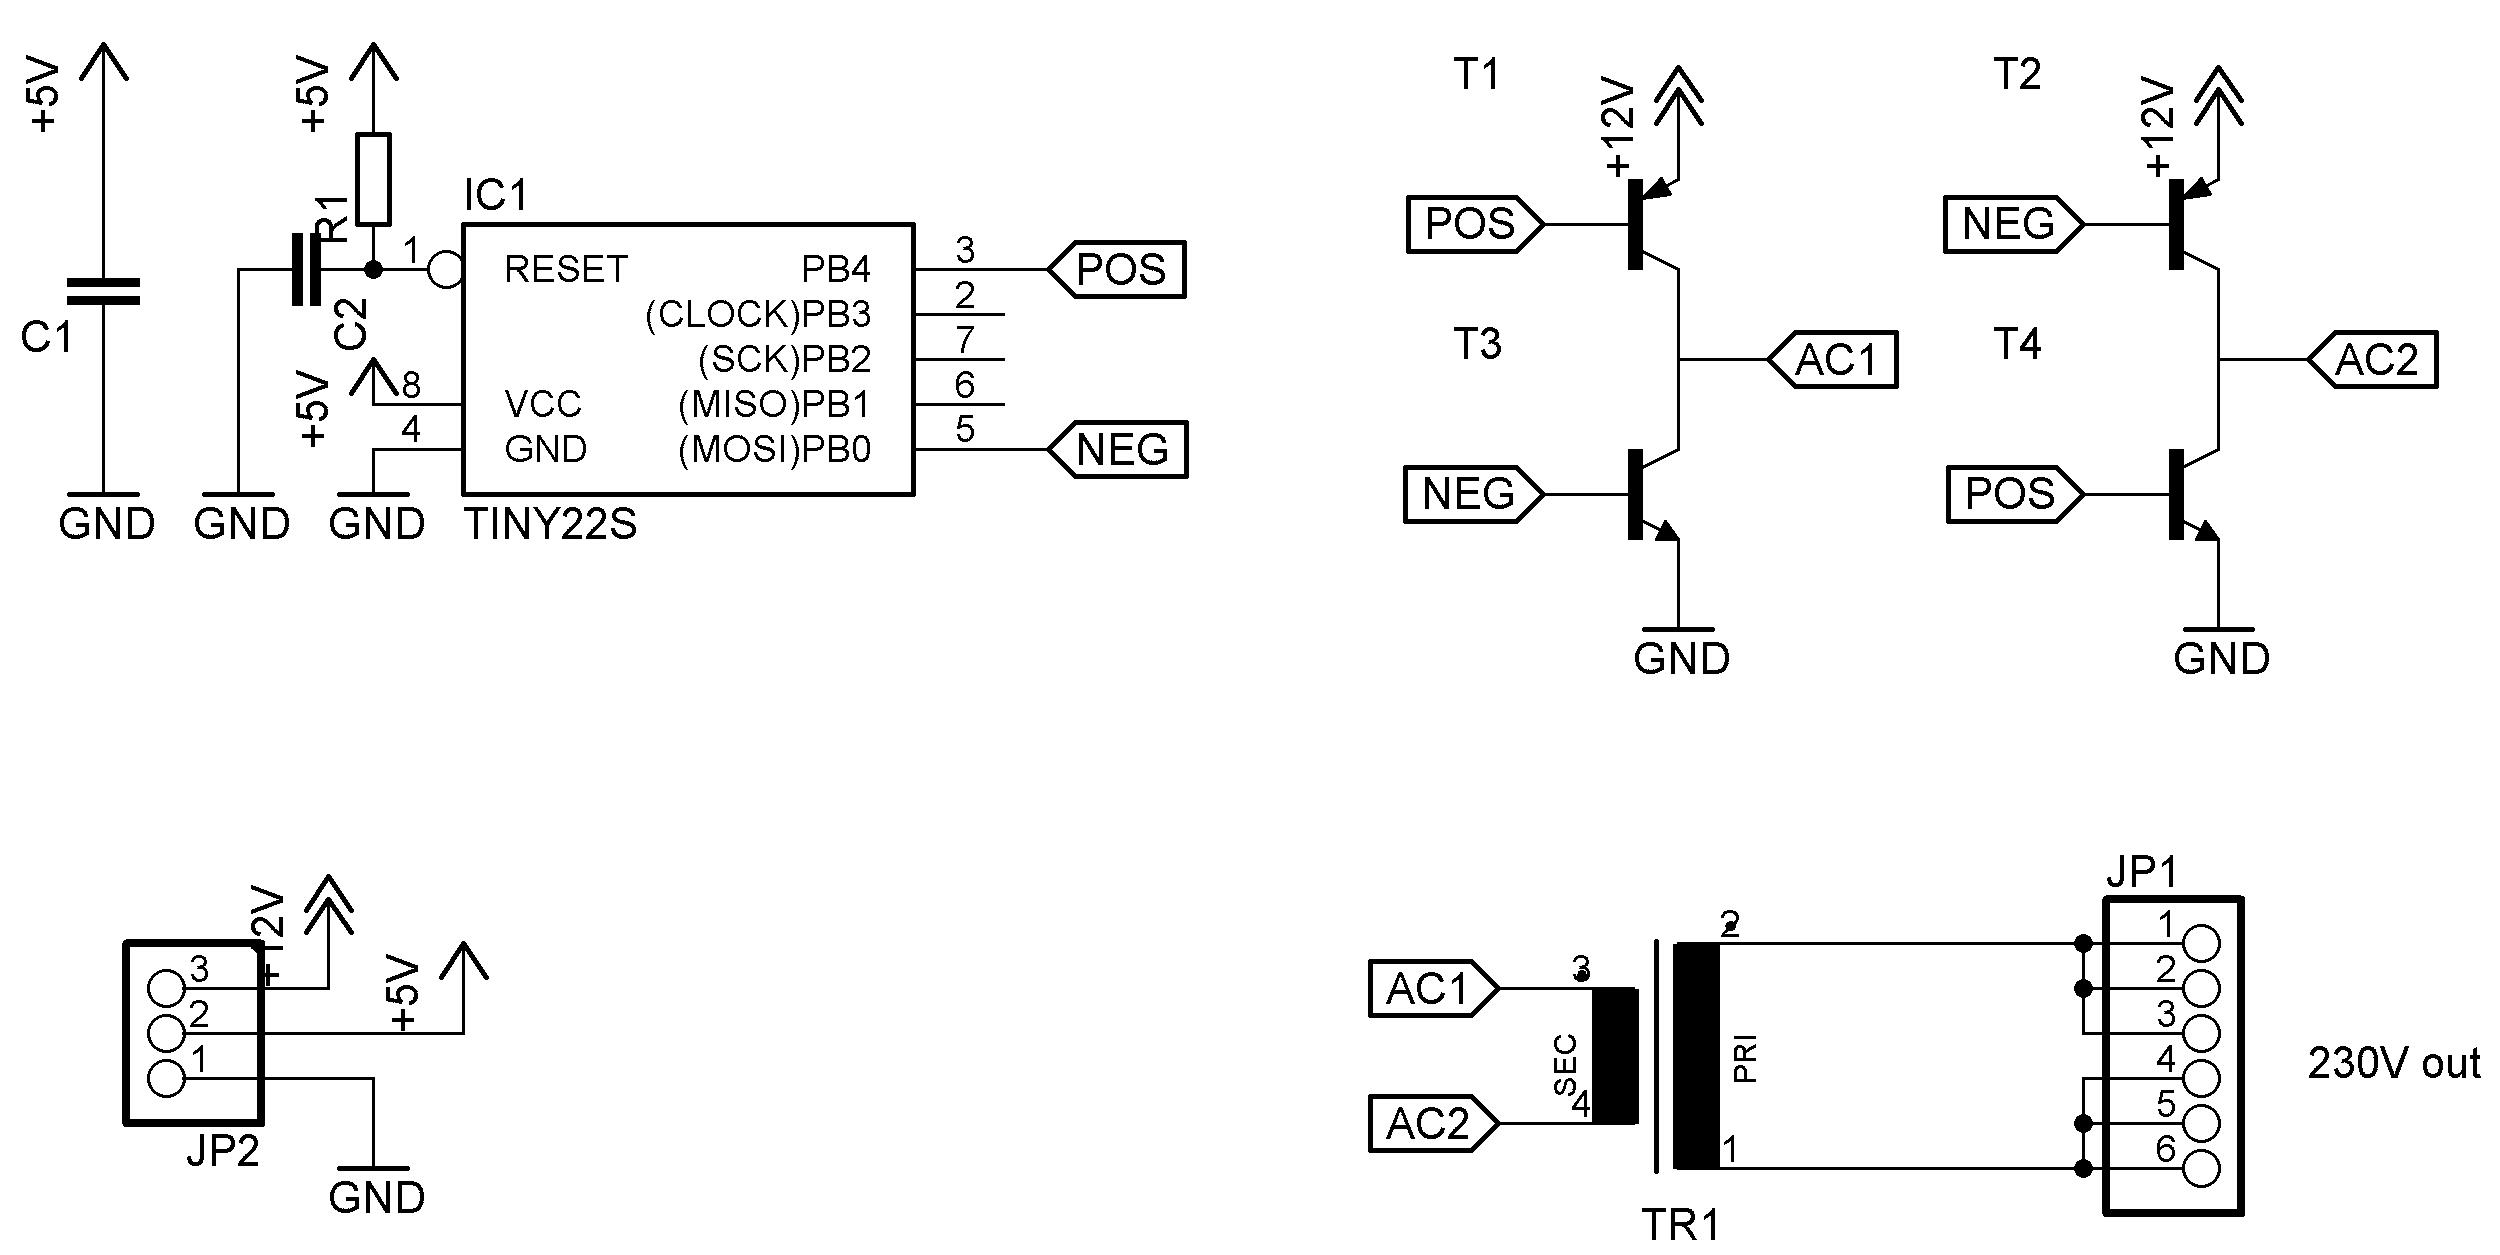 Warum funktioniert mein Wechselrichter nicht? - Mikrocontroller.net